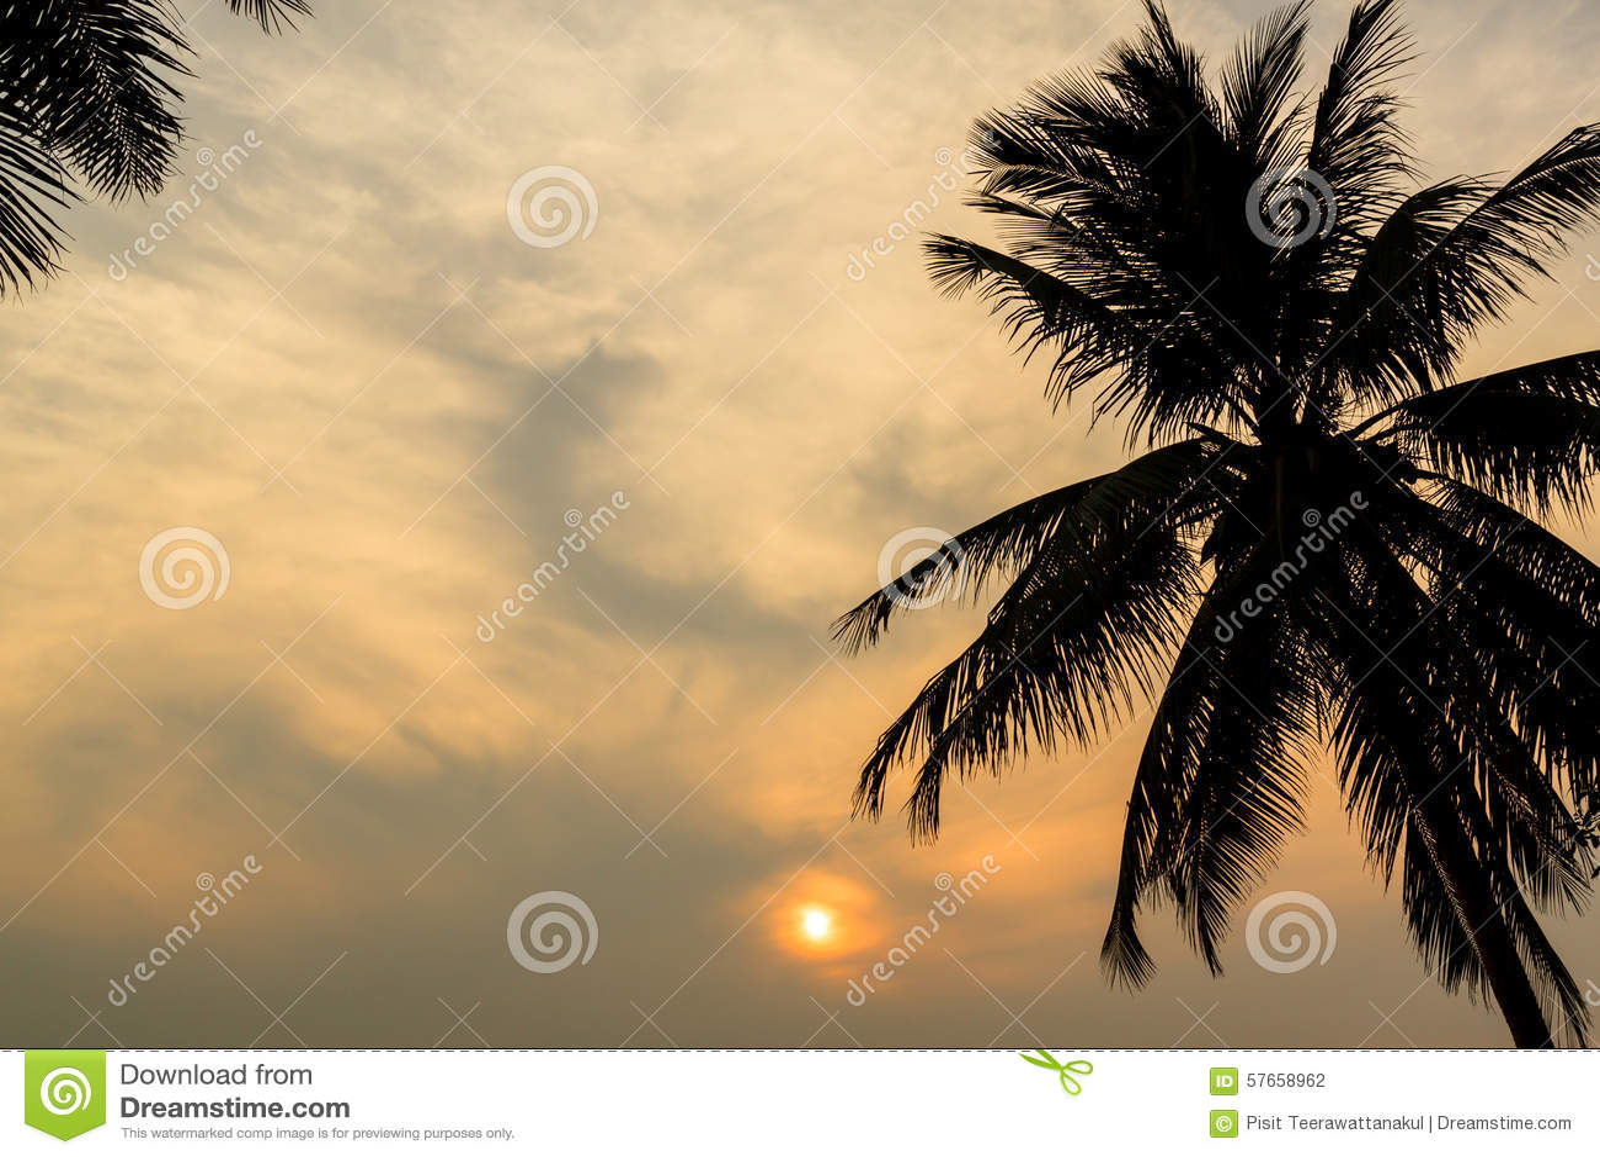 Drzewko Palmowe i zmierzch przy mrocznym czasem, sylwetka